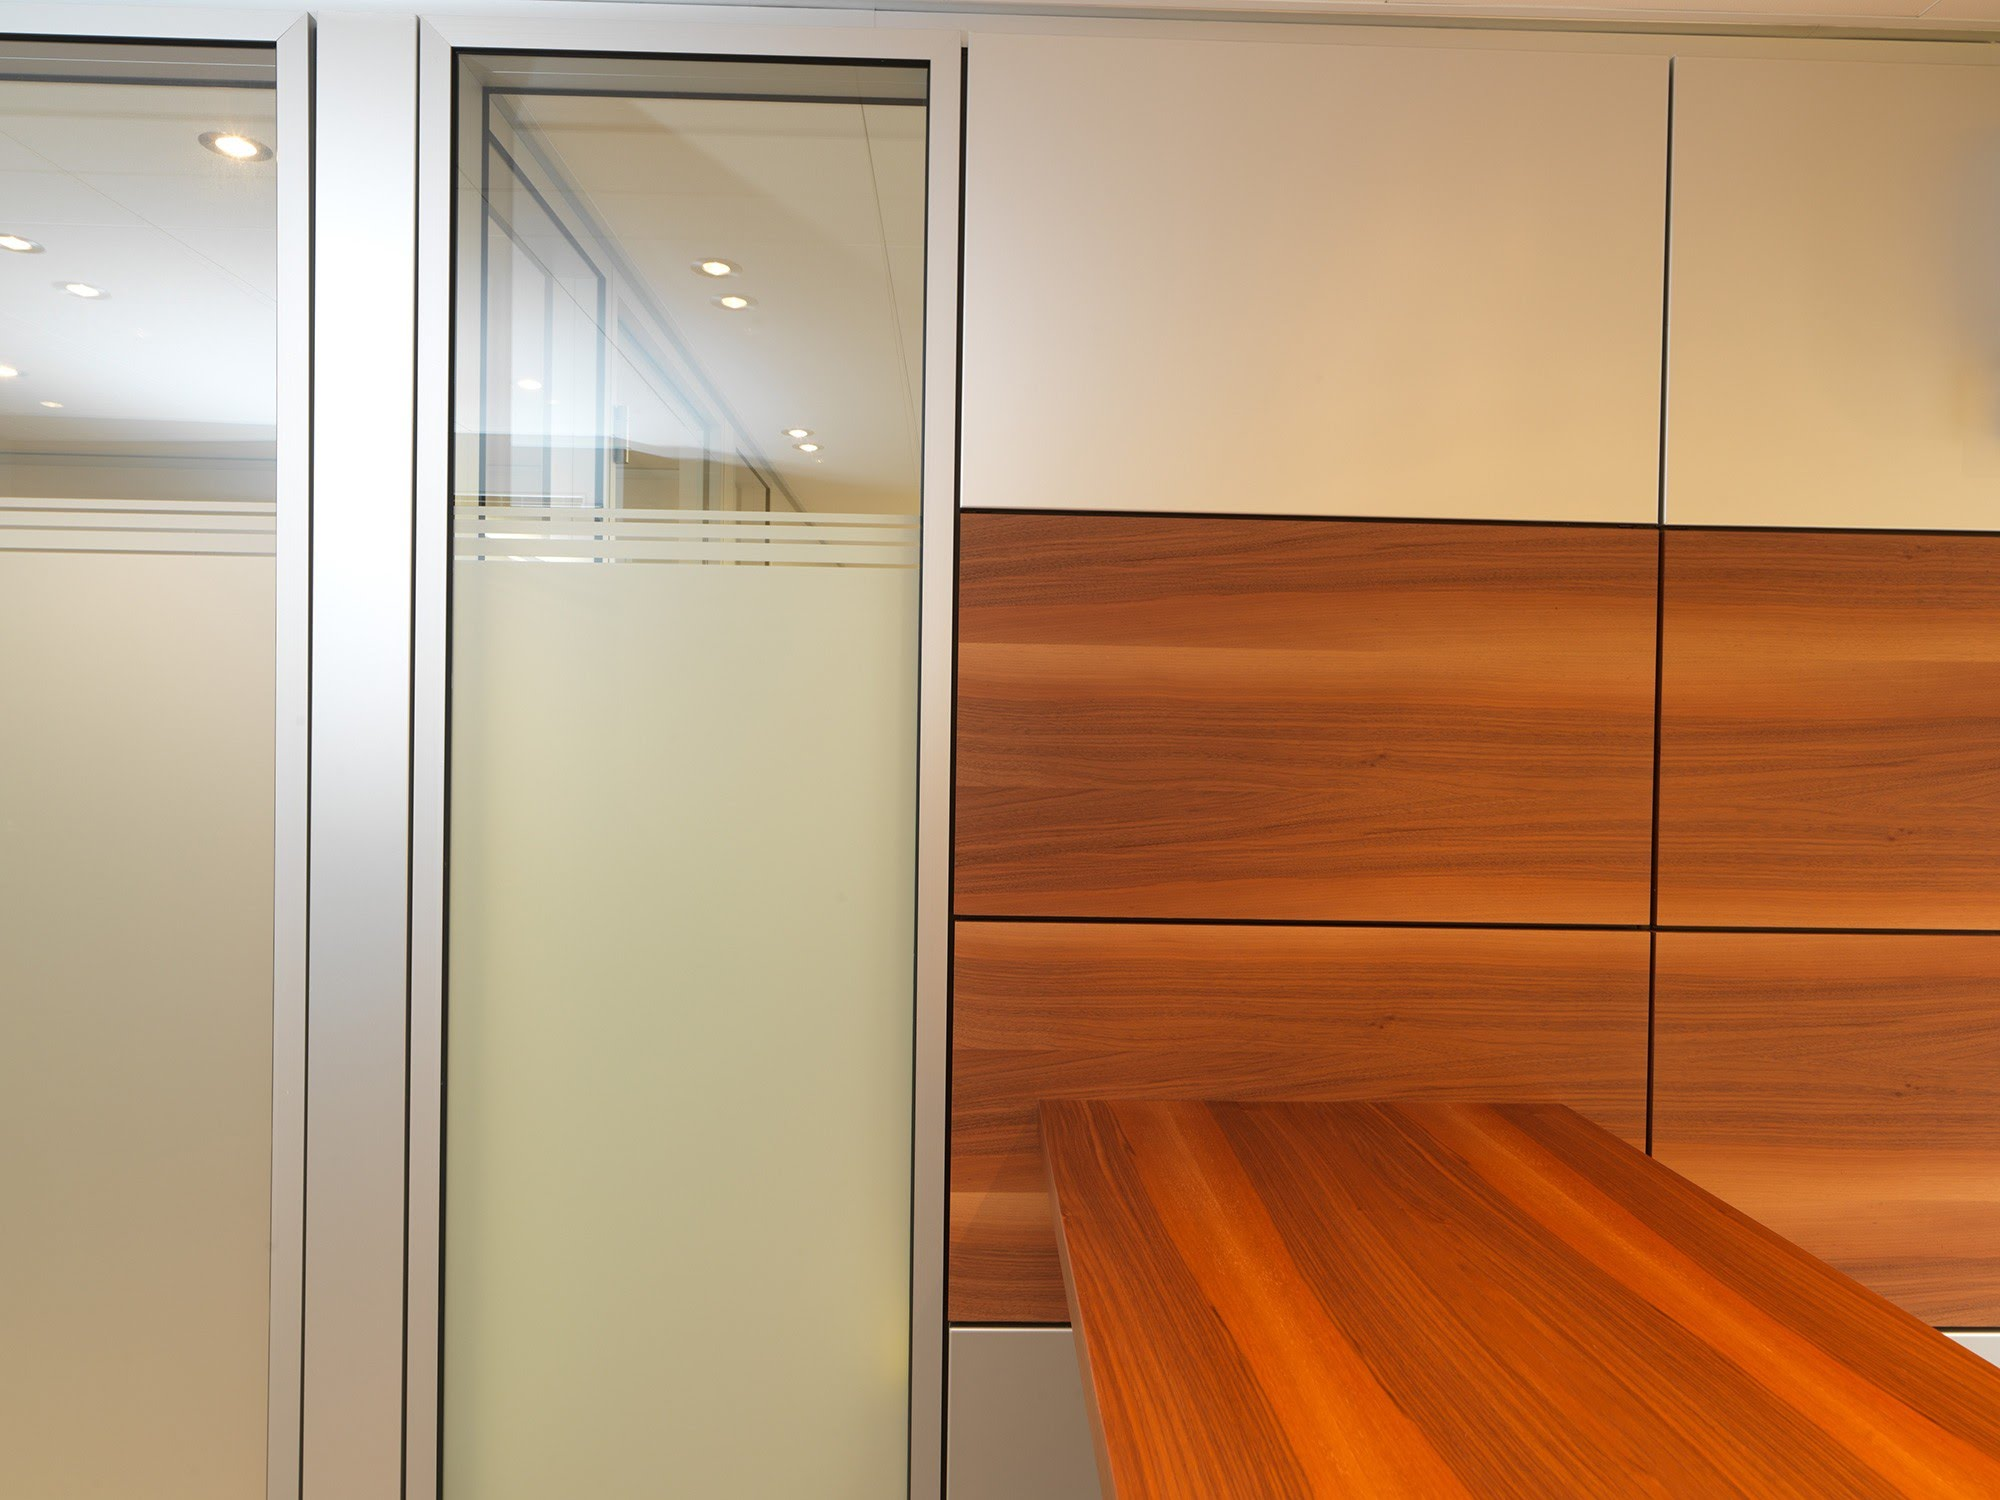 NovaFlex - Bürotrennwand,NovaOne - Ganzglaswände,Starr International AG,Deckensystem-Wandsysteme,Trennwände Büro,Ganzglaswände,Bürotrennwand,Akustikdecken,Schallschutzdecken,Trennwände,Glaswände,Faltwände,Raumgestaltung,Trennwand Systeme